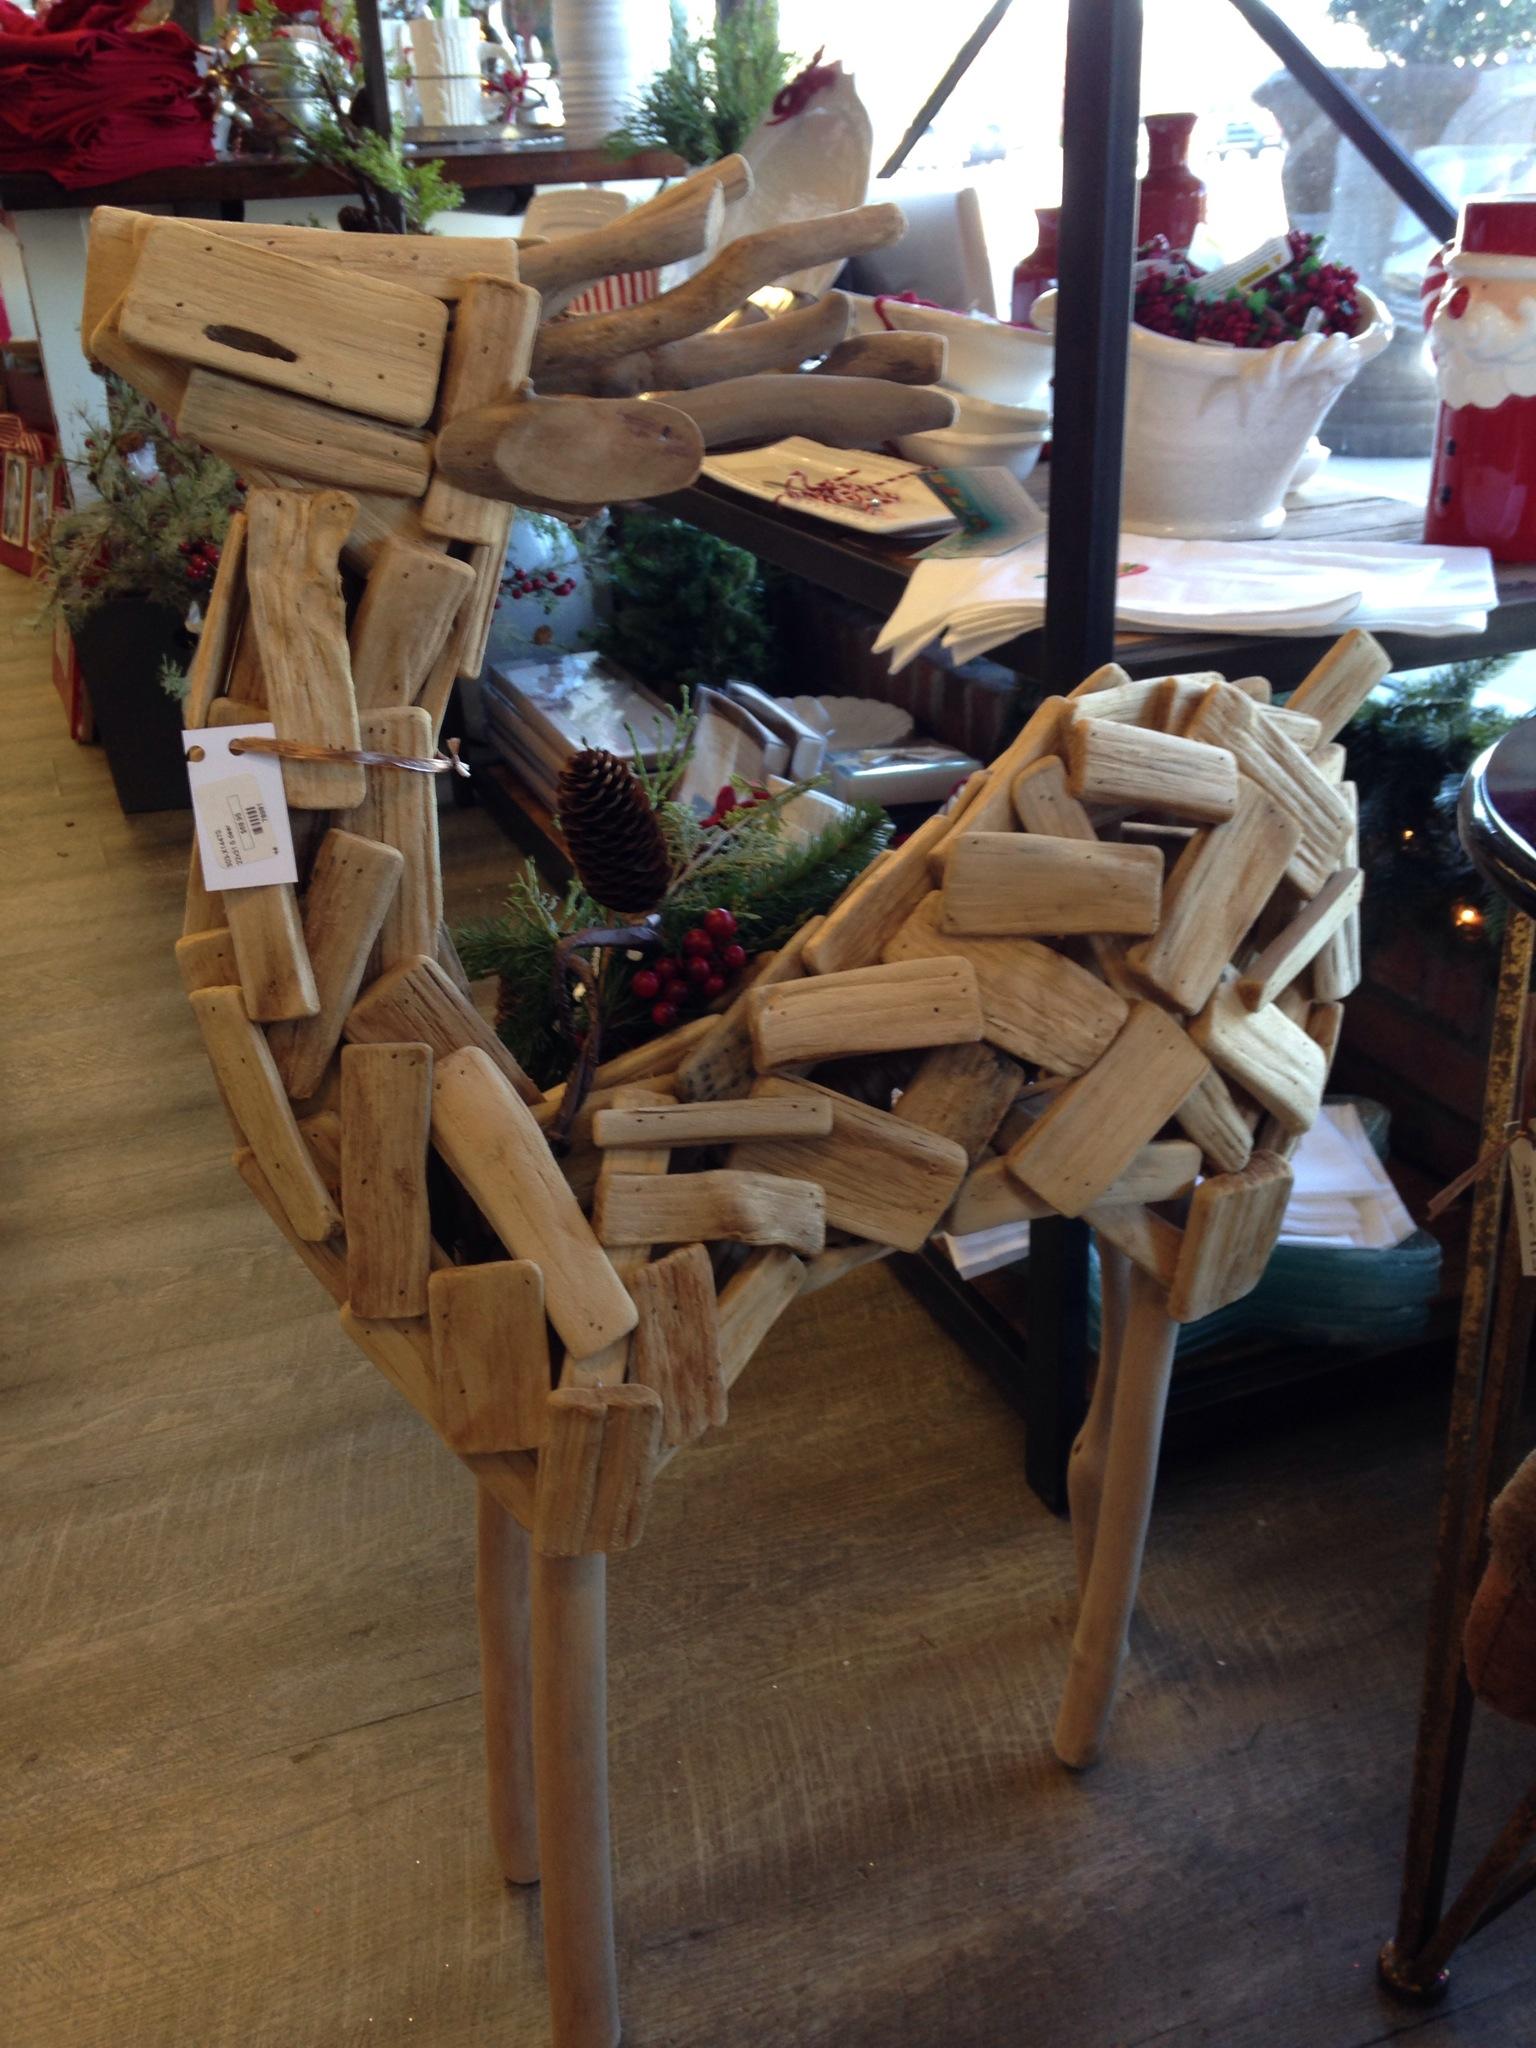 Casabella driftwood reindeer